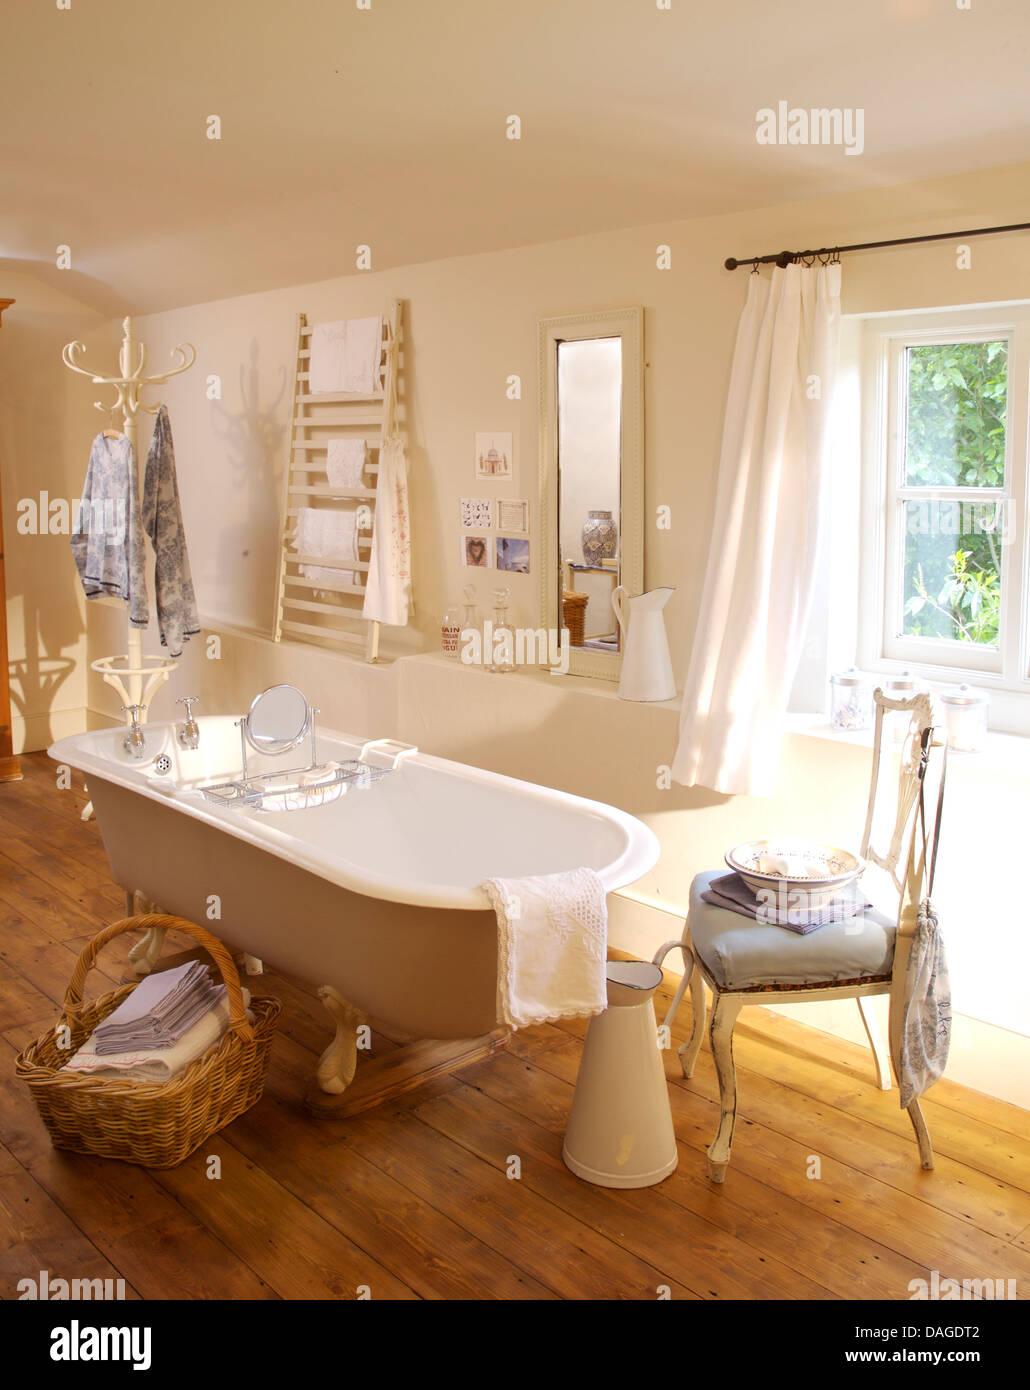 handtücher in großer korb neben roll top bad im land badezimmer mit